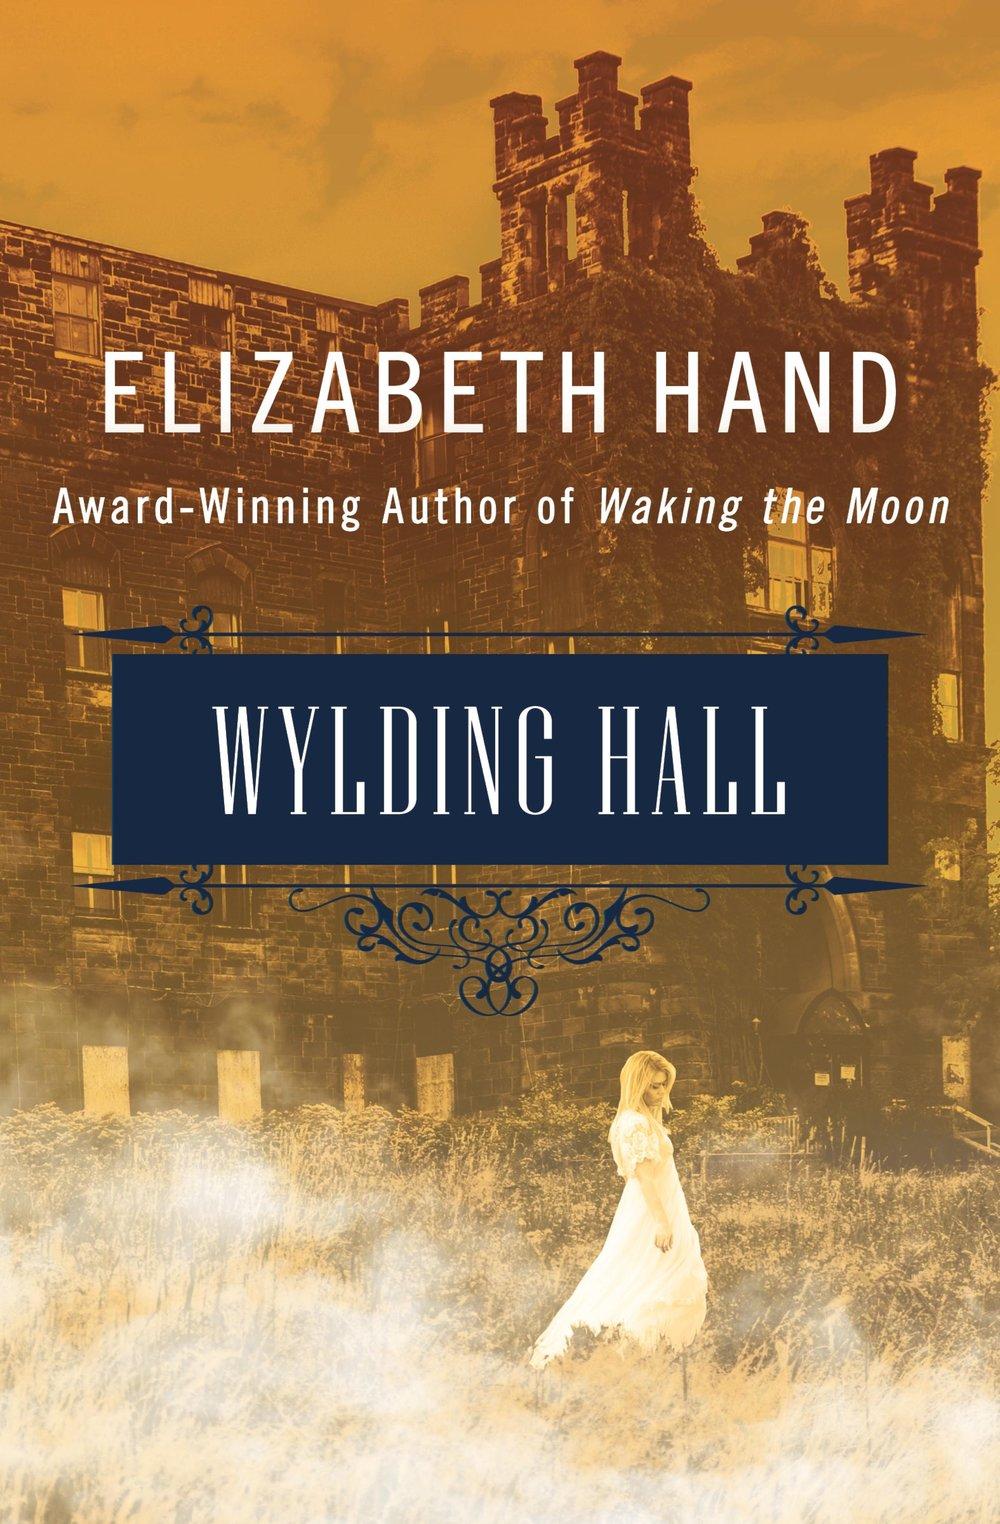 Wylding Hall, by Elizabeth Hand